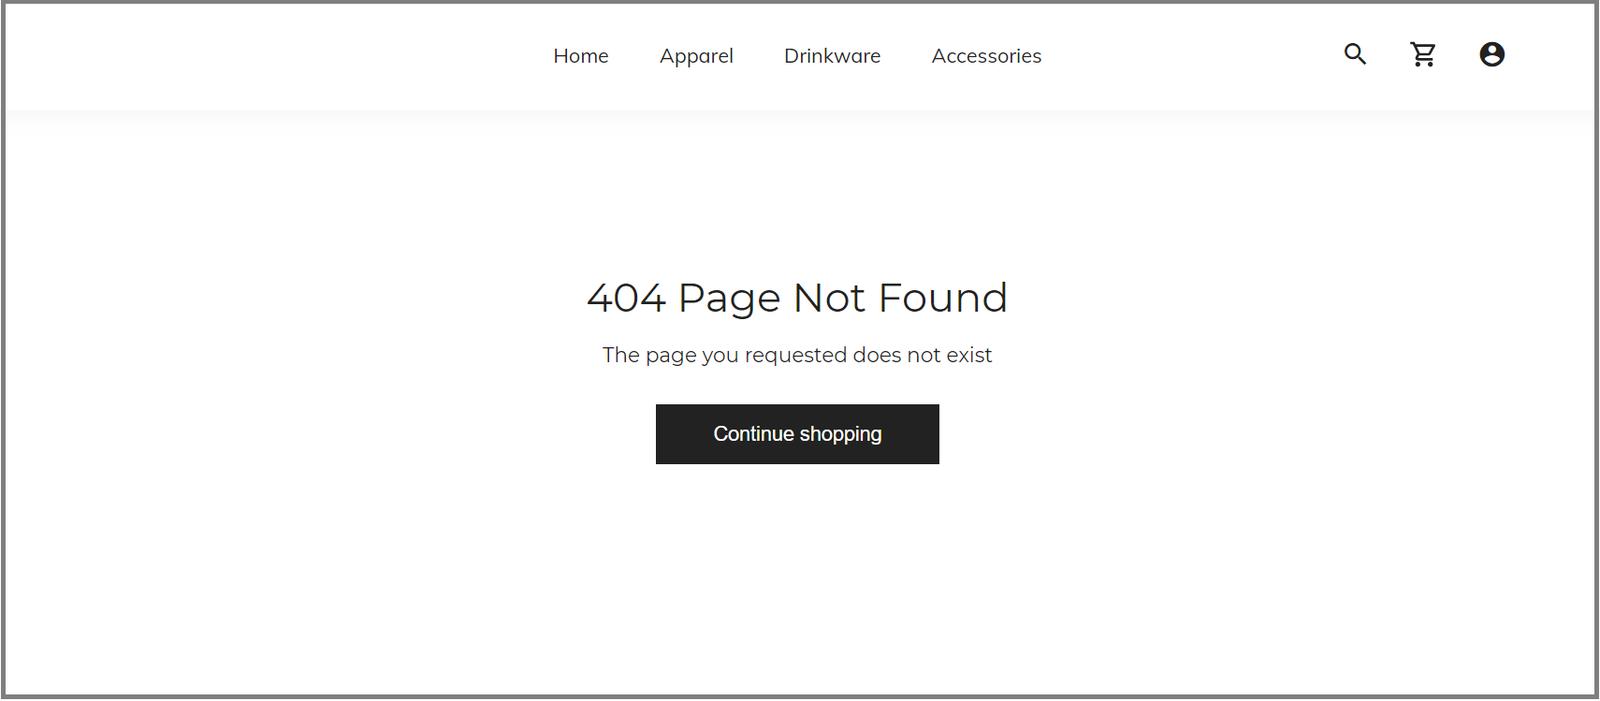 锁定访问后,如果客户访问这些页面,系统将显示404错误